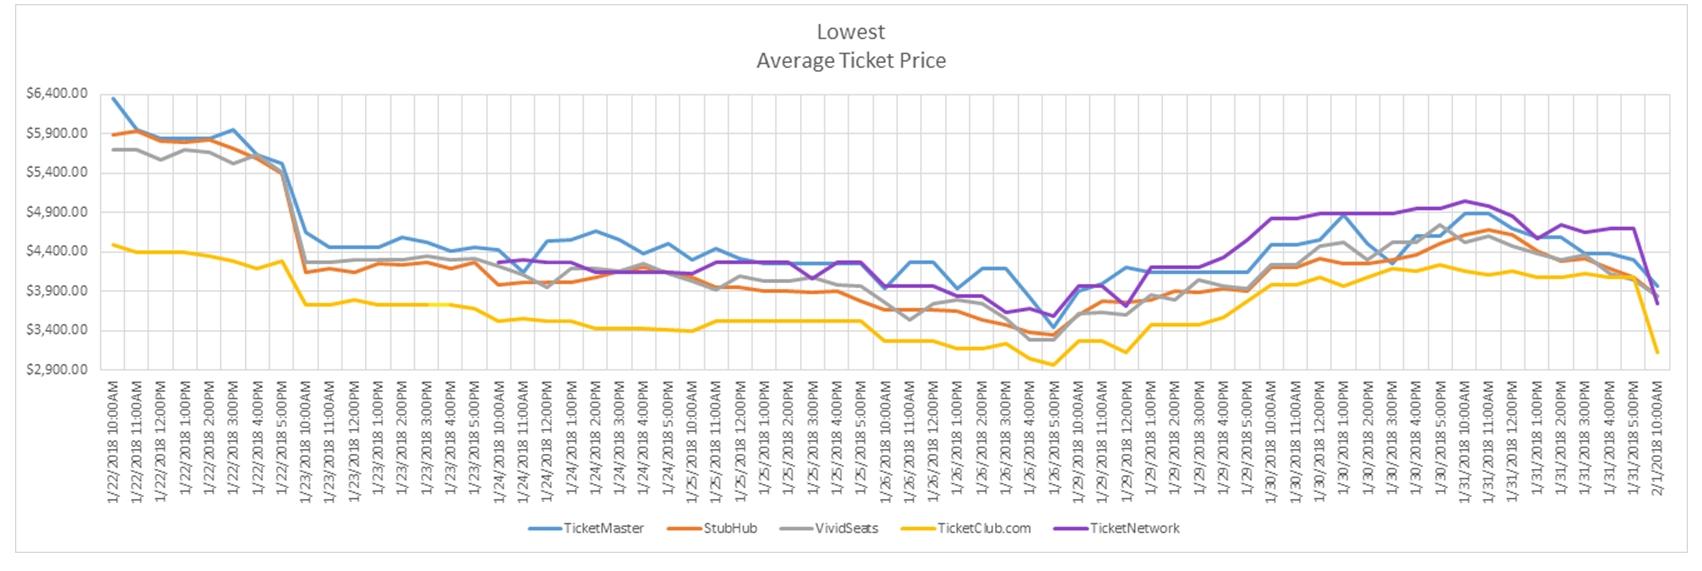 Super Bowl Lii Ticket Prices Take A Tumble Overnight pertaining to Super Bowl Ticket Prices